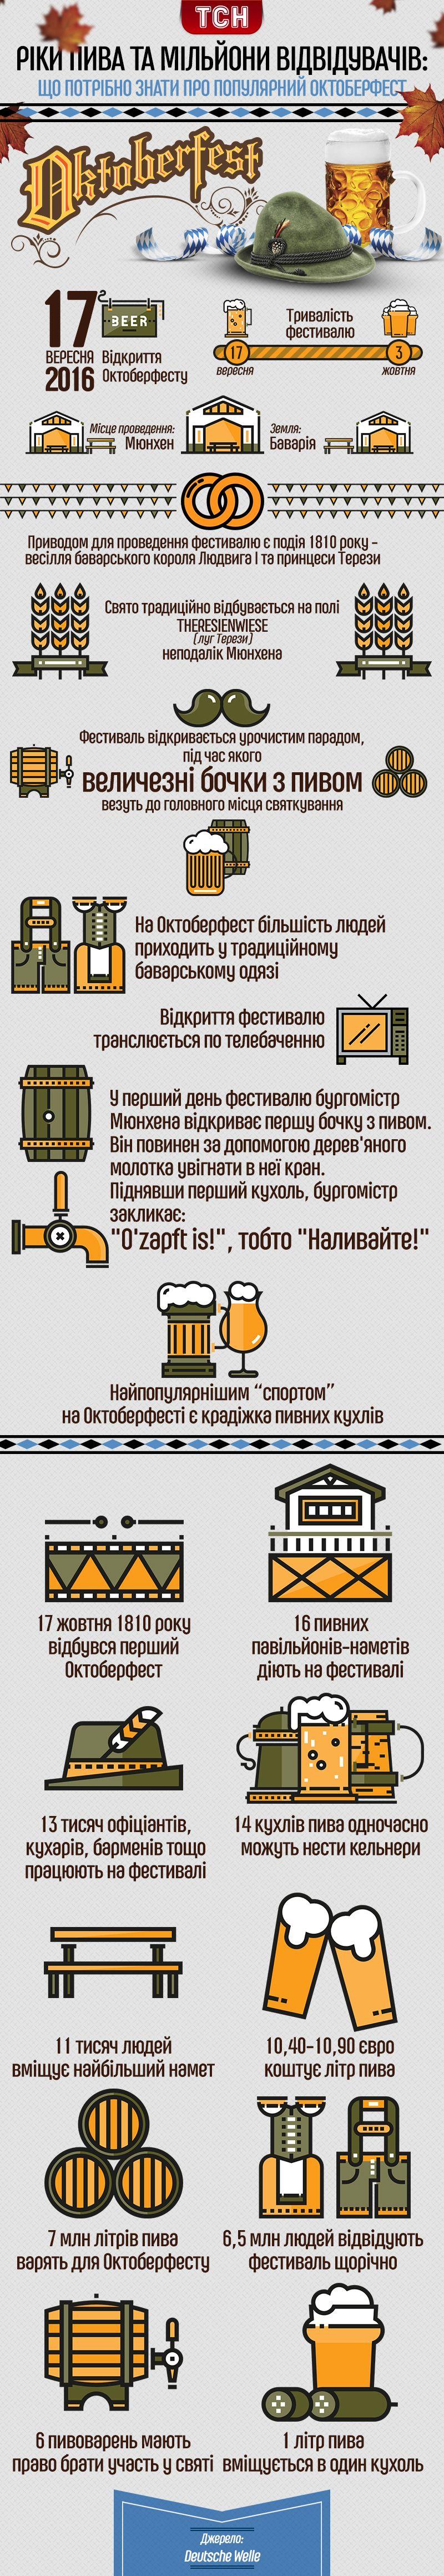 Октоберфест, інфографіка